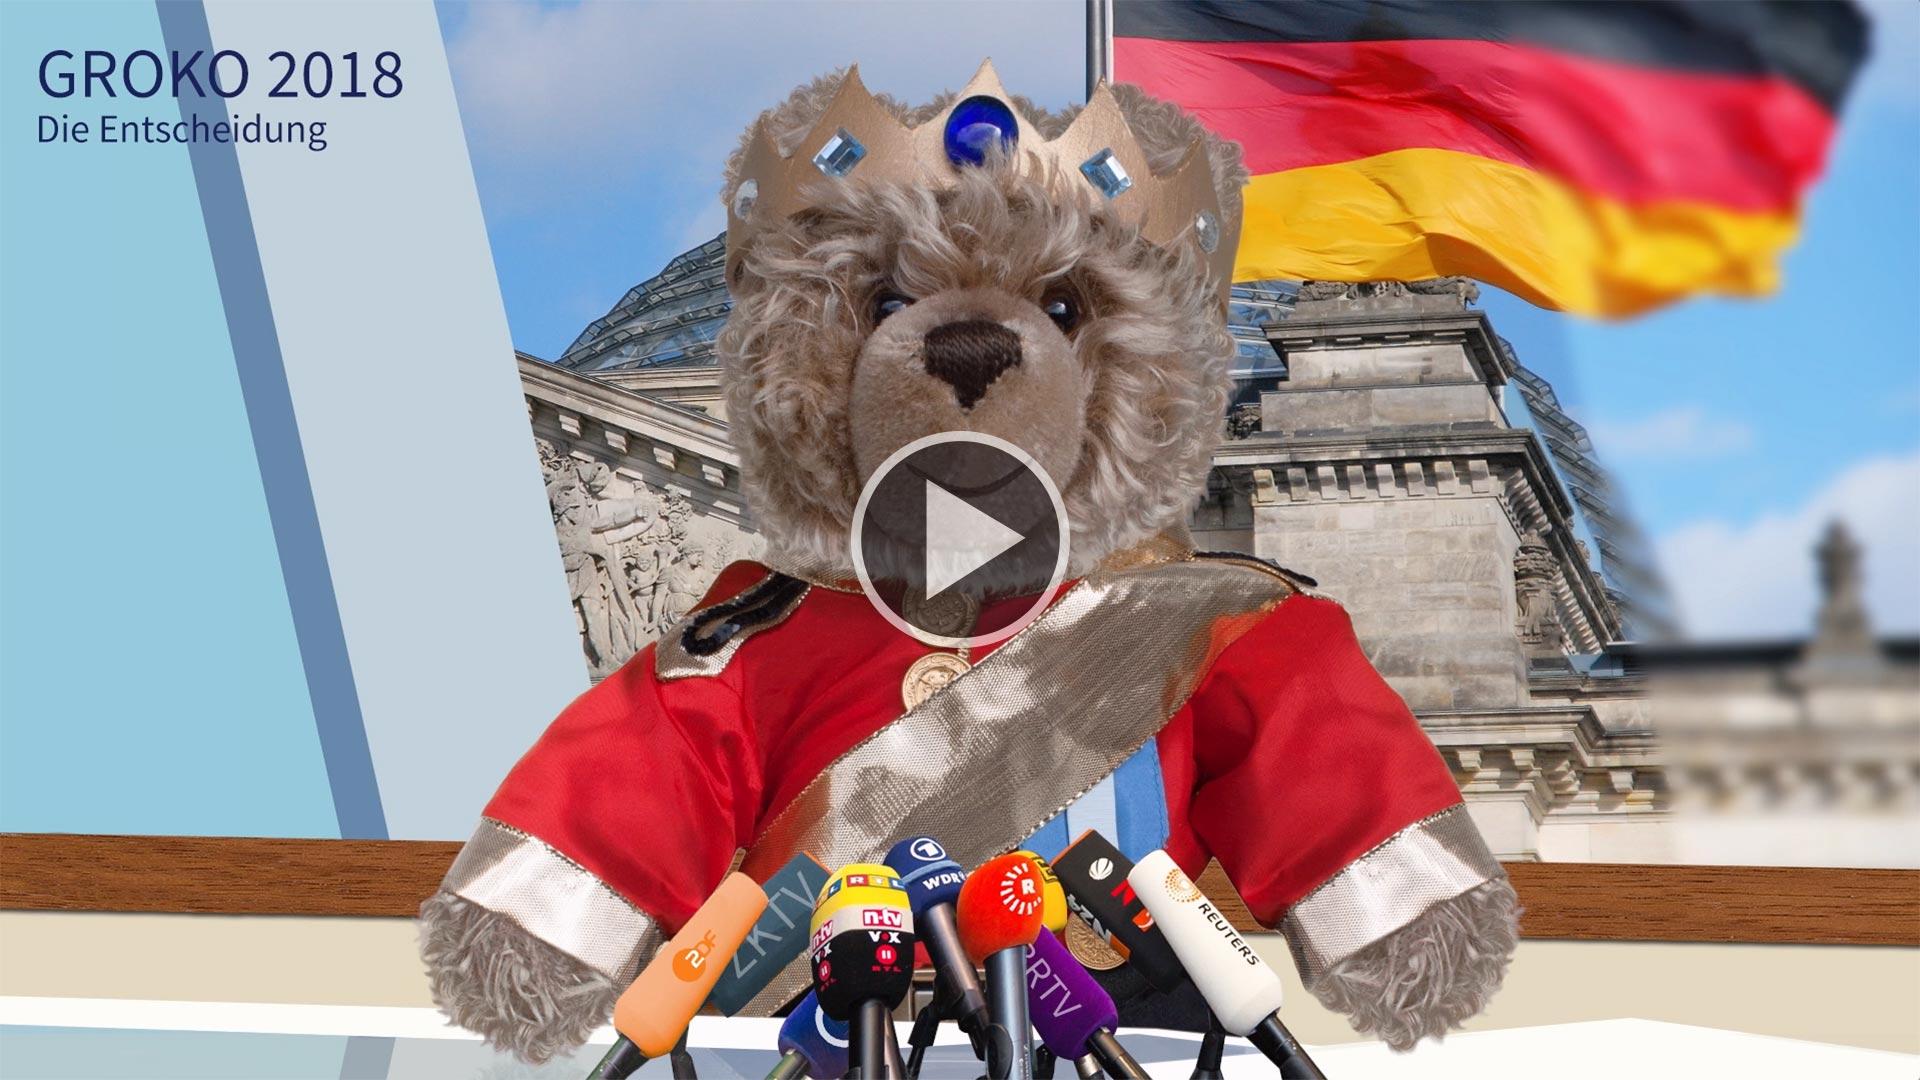 Teddybär-König Opa zur Groko